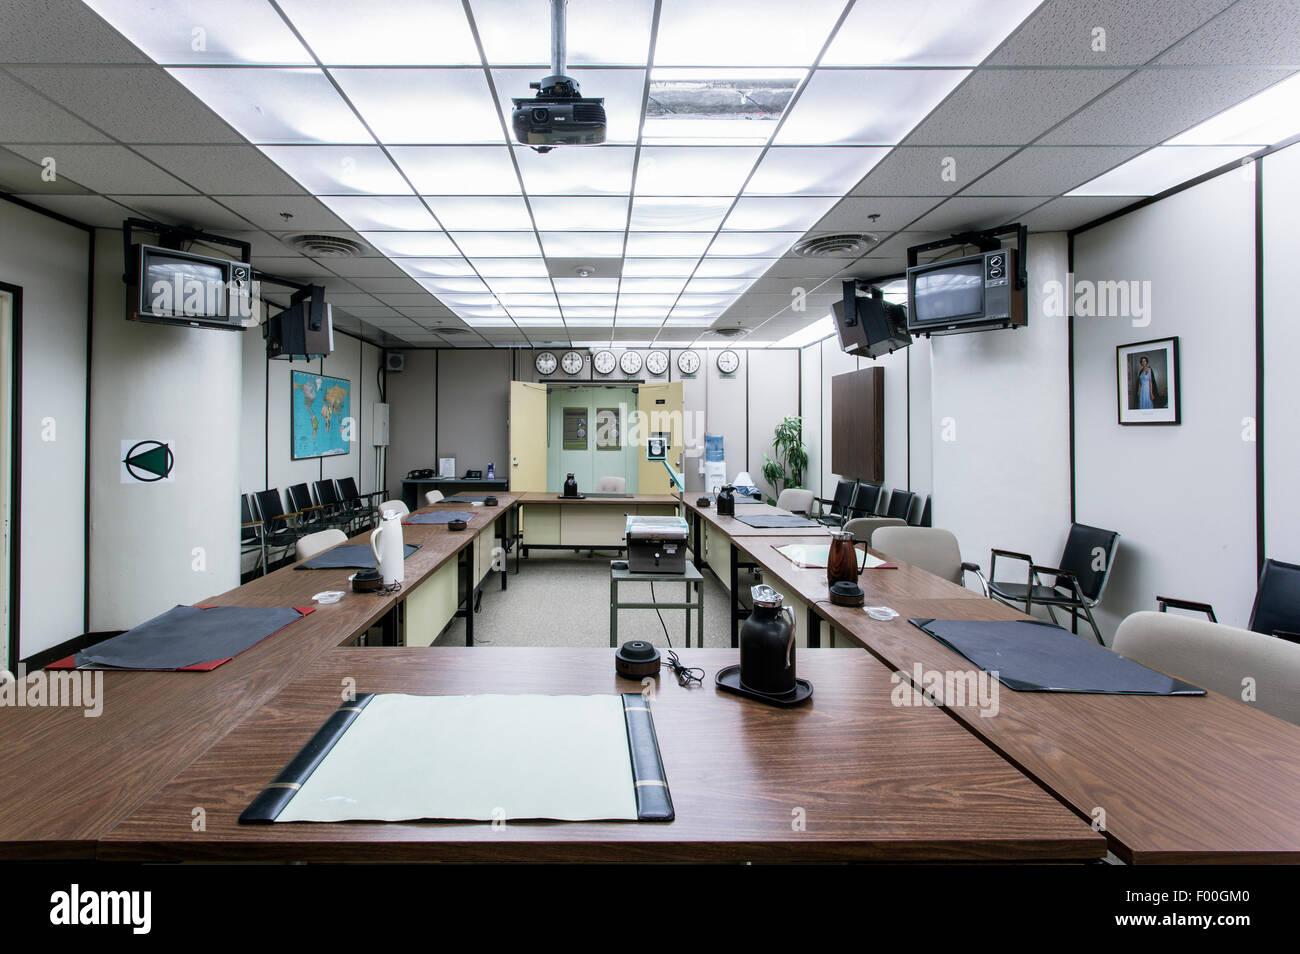 Ontario,Canadá,carpas,Diefenbunker, Canadá es el Museo de la guerra fría, sala de guerra Imagen De Stock